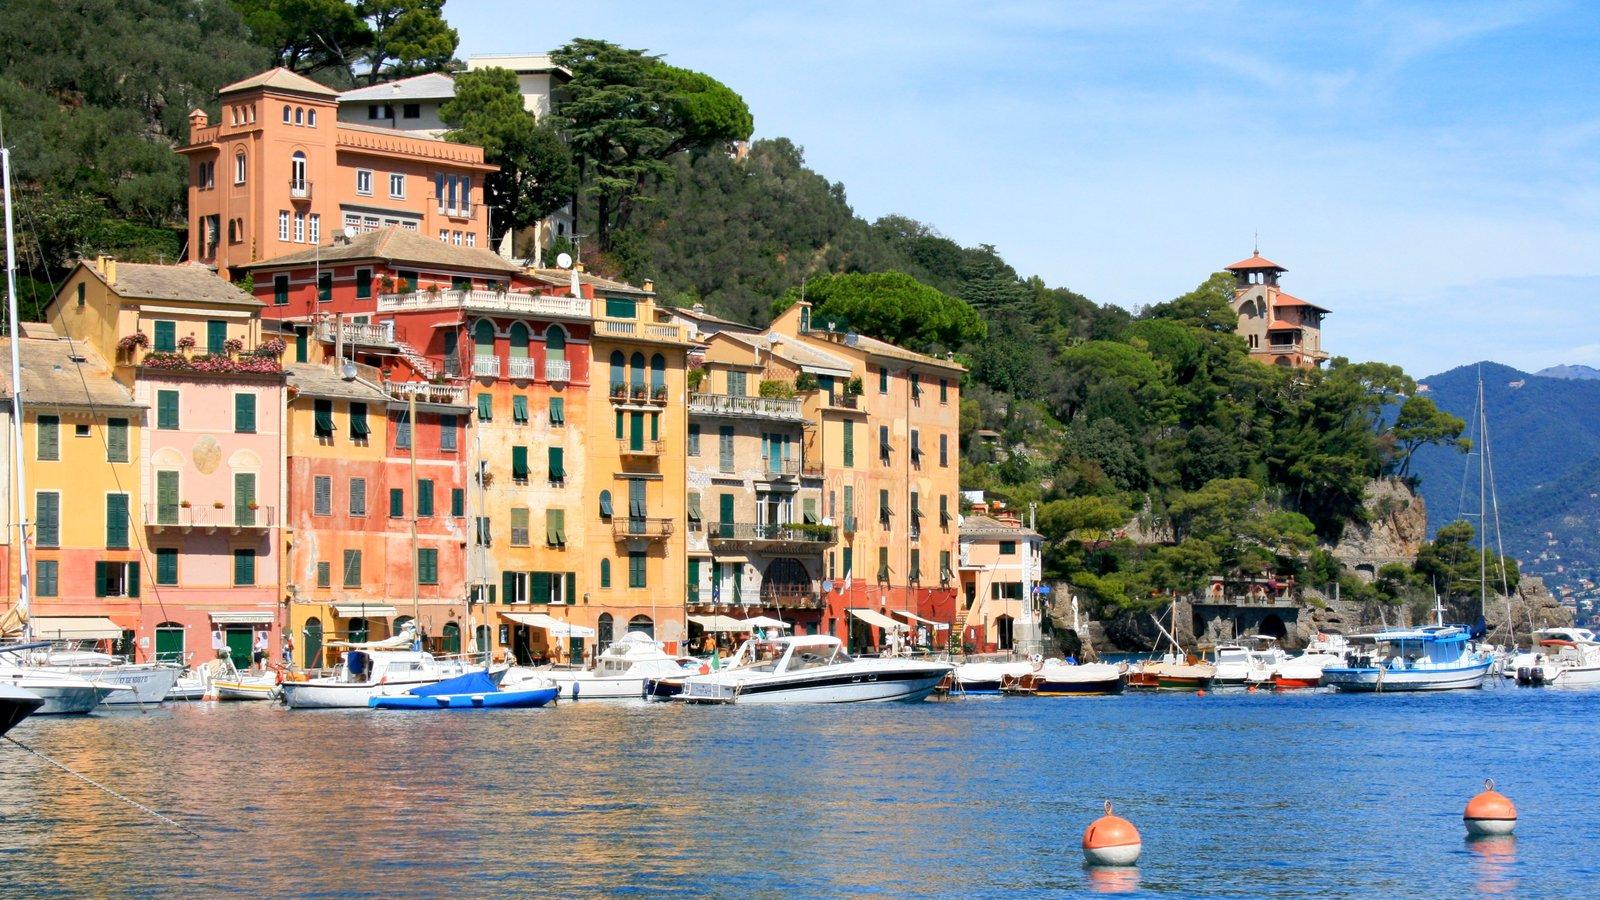 Gênova mostrando canoagem, arquitetura de patrimônio e uma baía ou porto